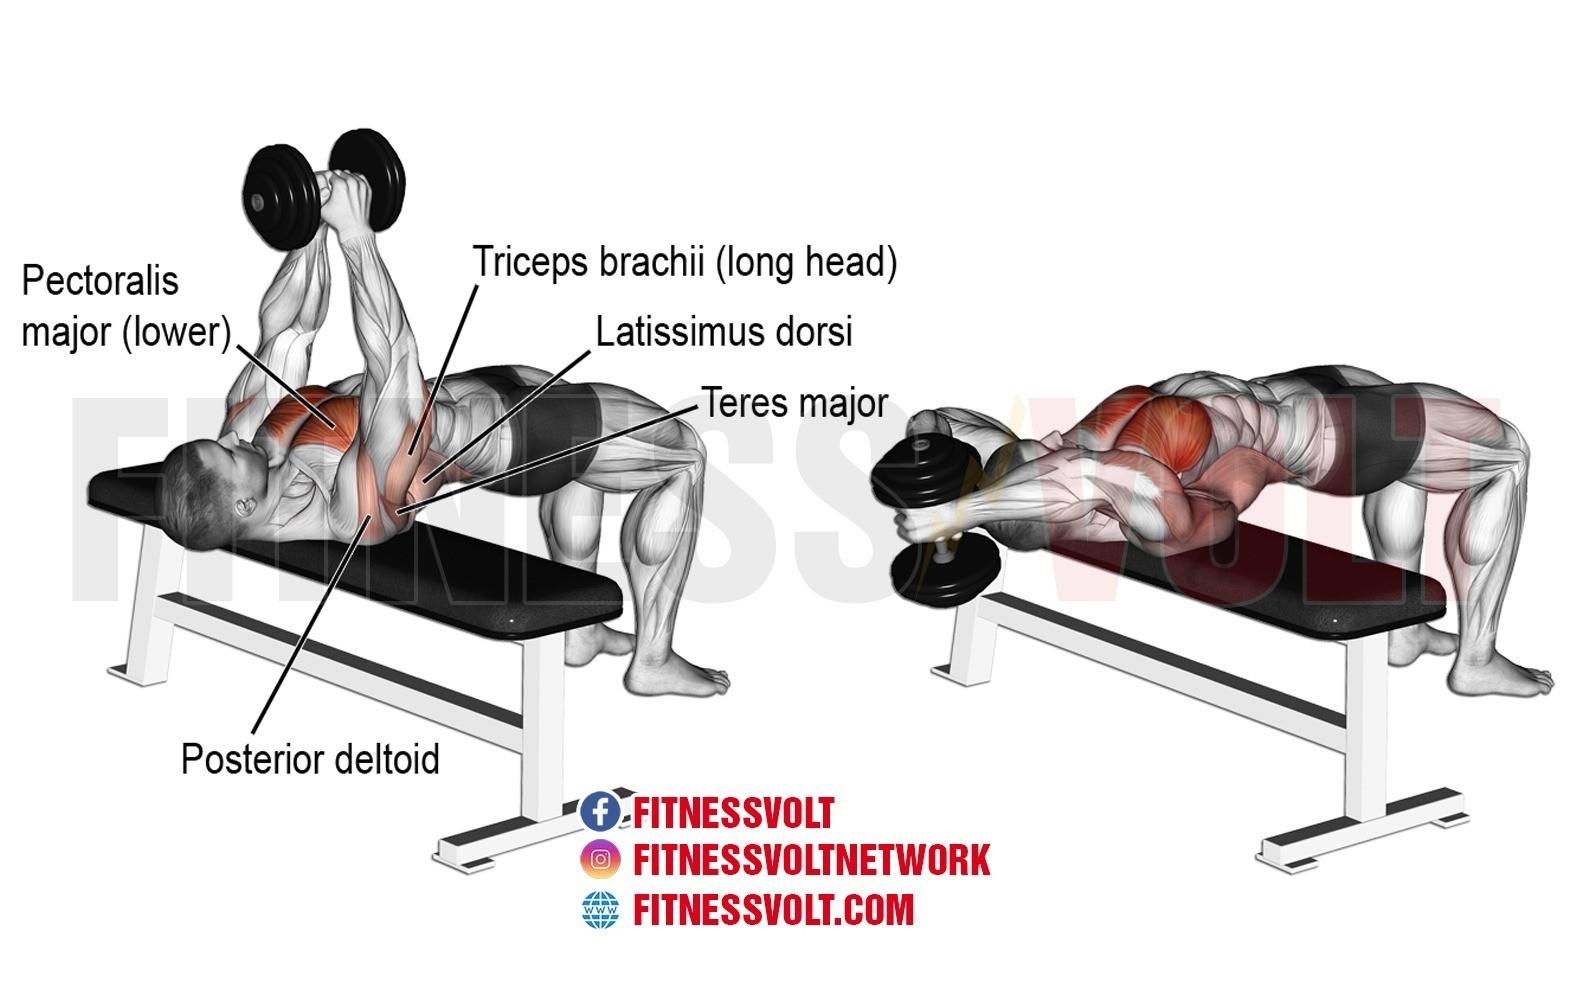 Dumbbell Pullover – Fitness Volt Bodybuilding & Fitness News